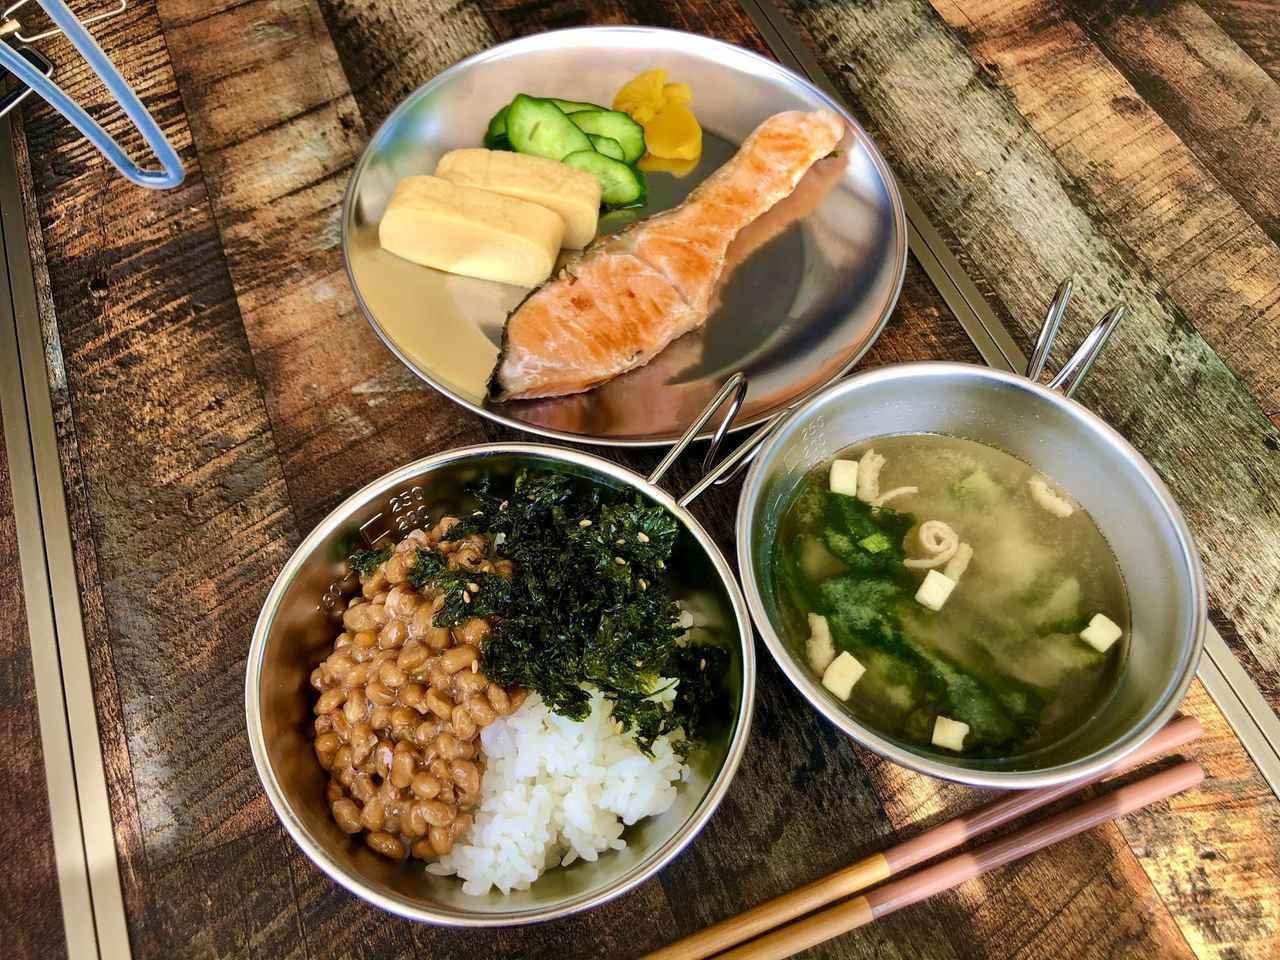 画像: 【キャンプで和朝食】キャンプの朝は和食もおすすめ! お手軽に作れる和食レシピをご紹介 - ハピキャン キャンプ・アウトドア情報メディア